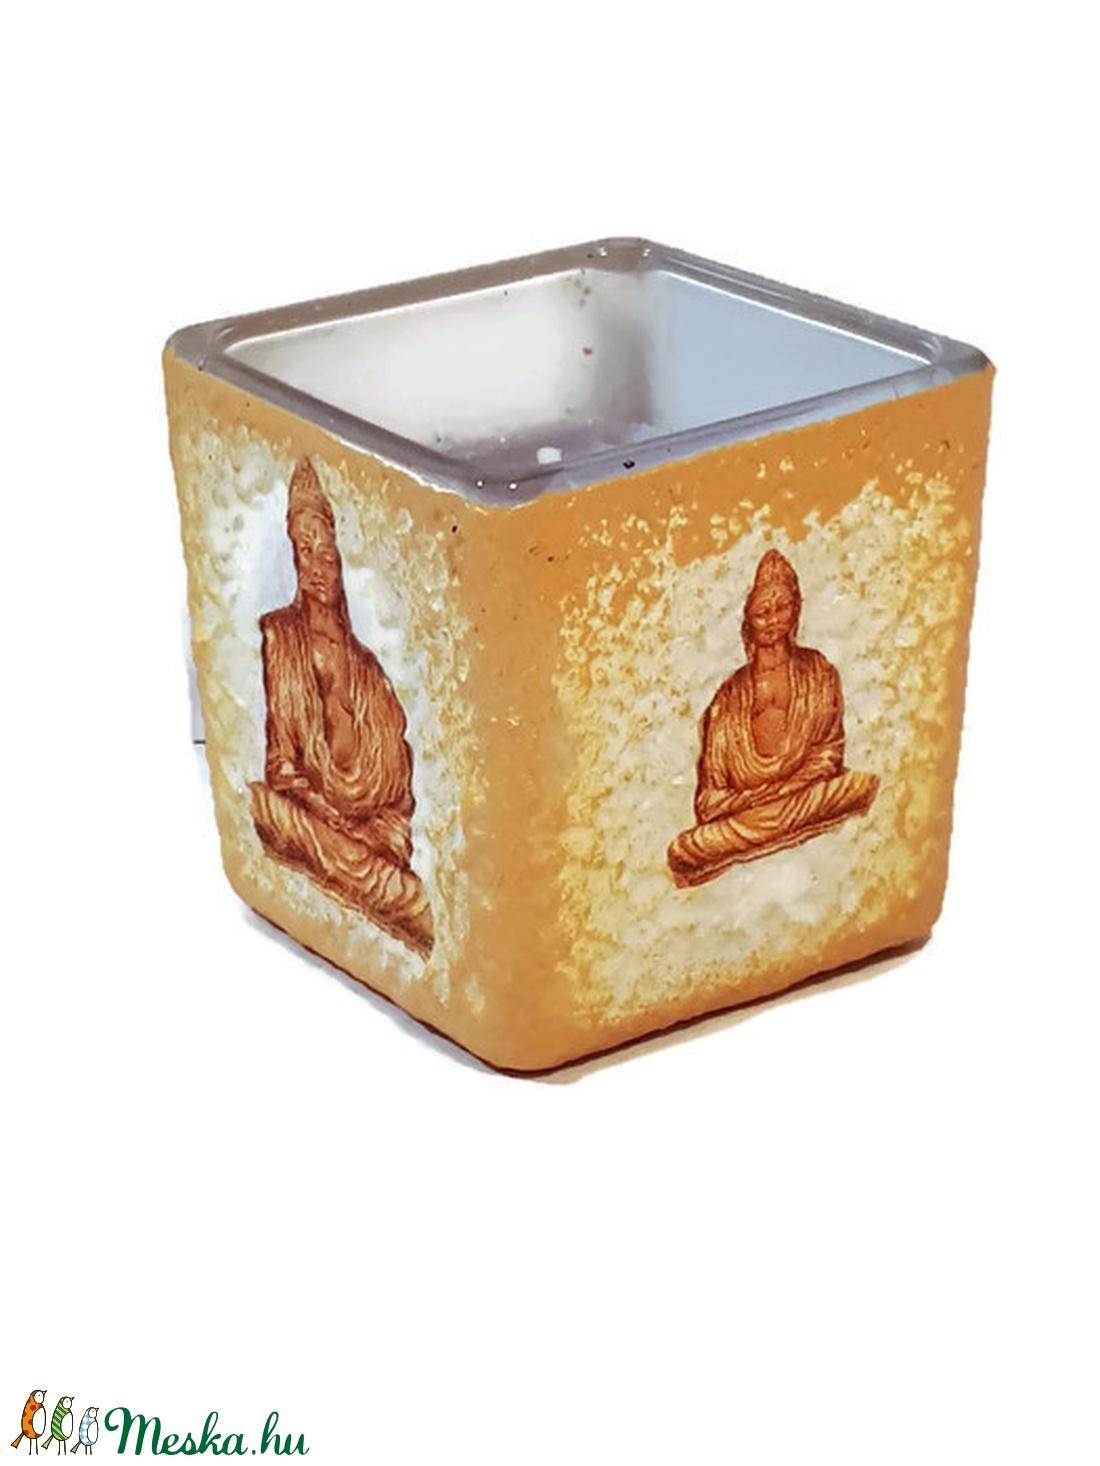 Arany Buddha gyertyatartó illatos gyertyával spirituális ajándék   (Biborvarazs) - Meska.hu